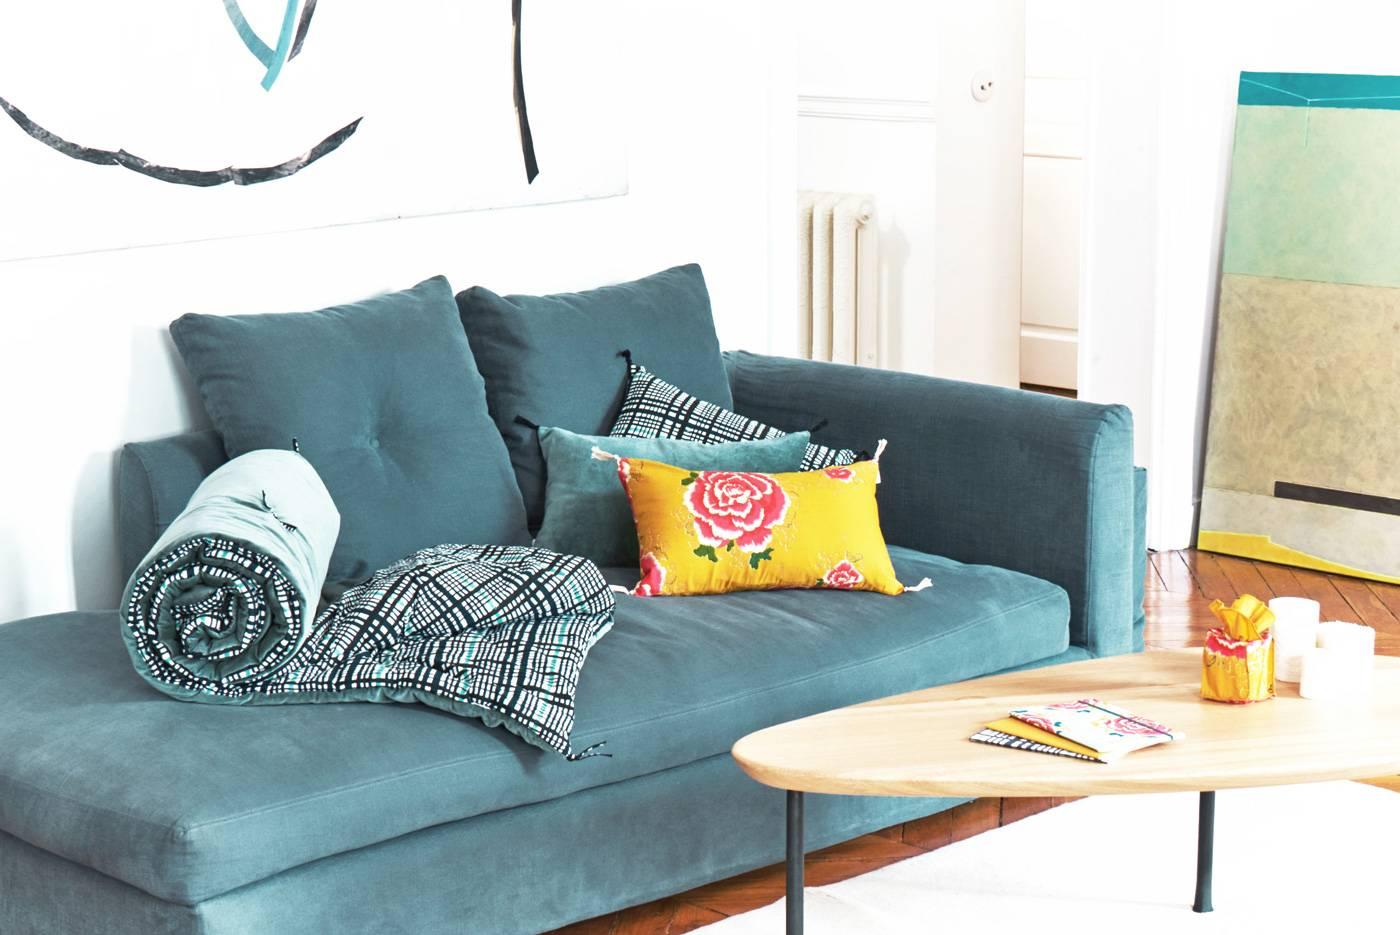 Caravane x s zane id es d co meubles et int rieurs for Caravane chambre 19 meubles